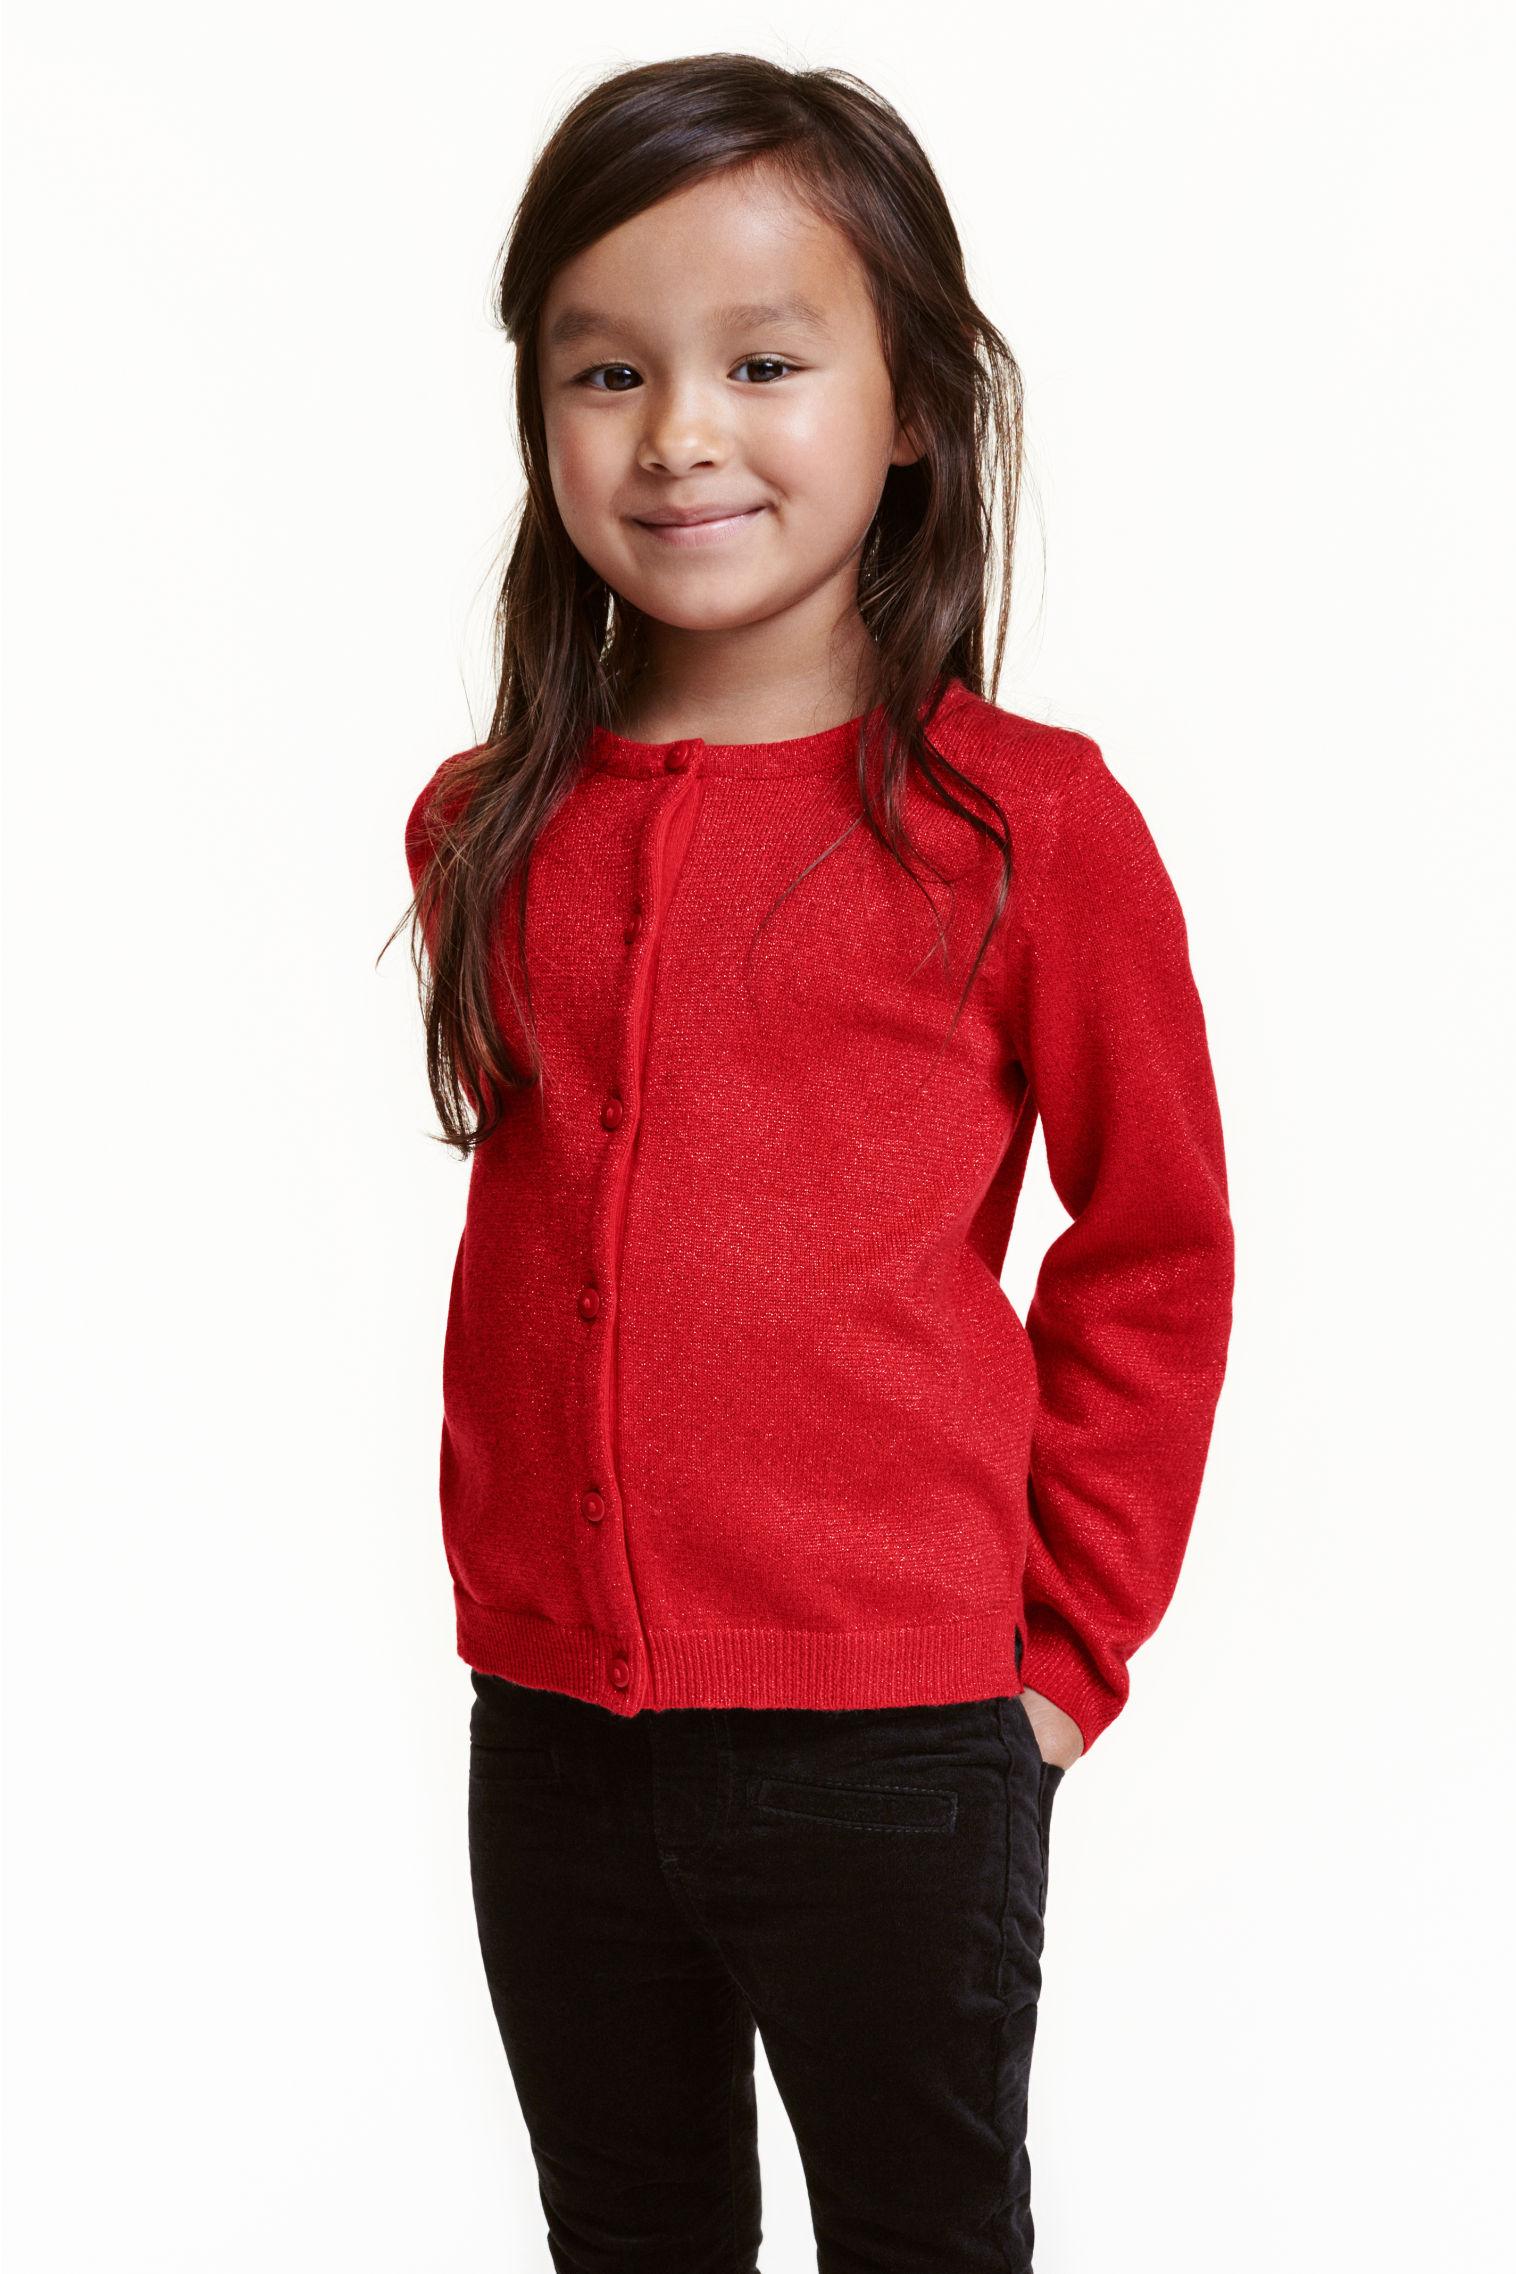 H&M y sus novedades navideñas para niña